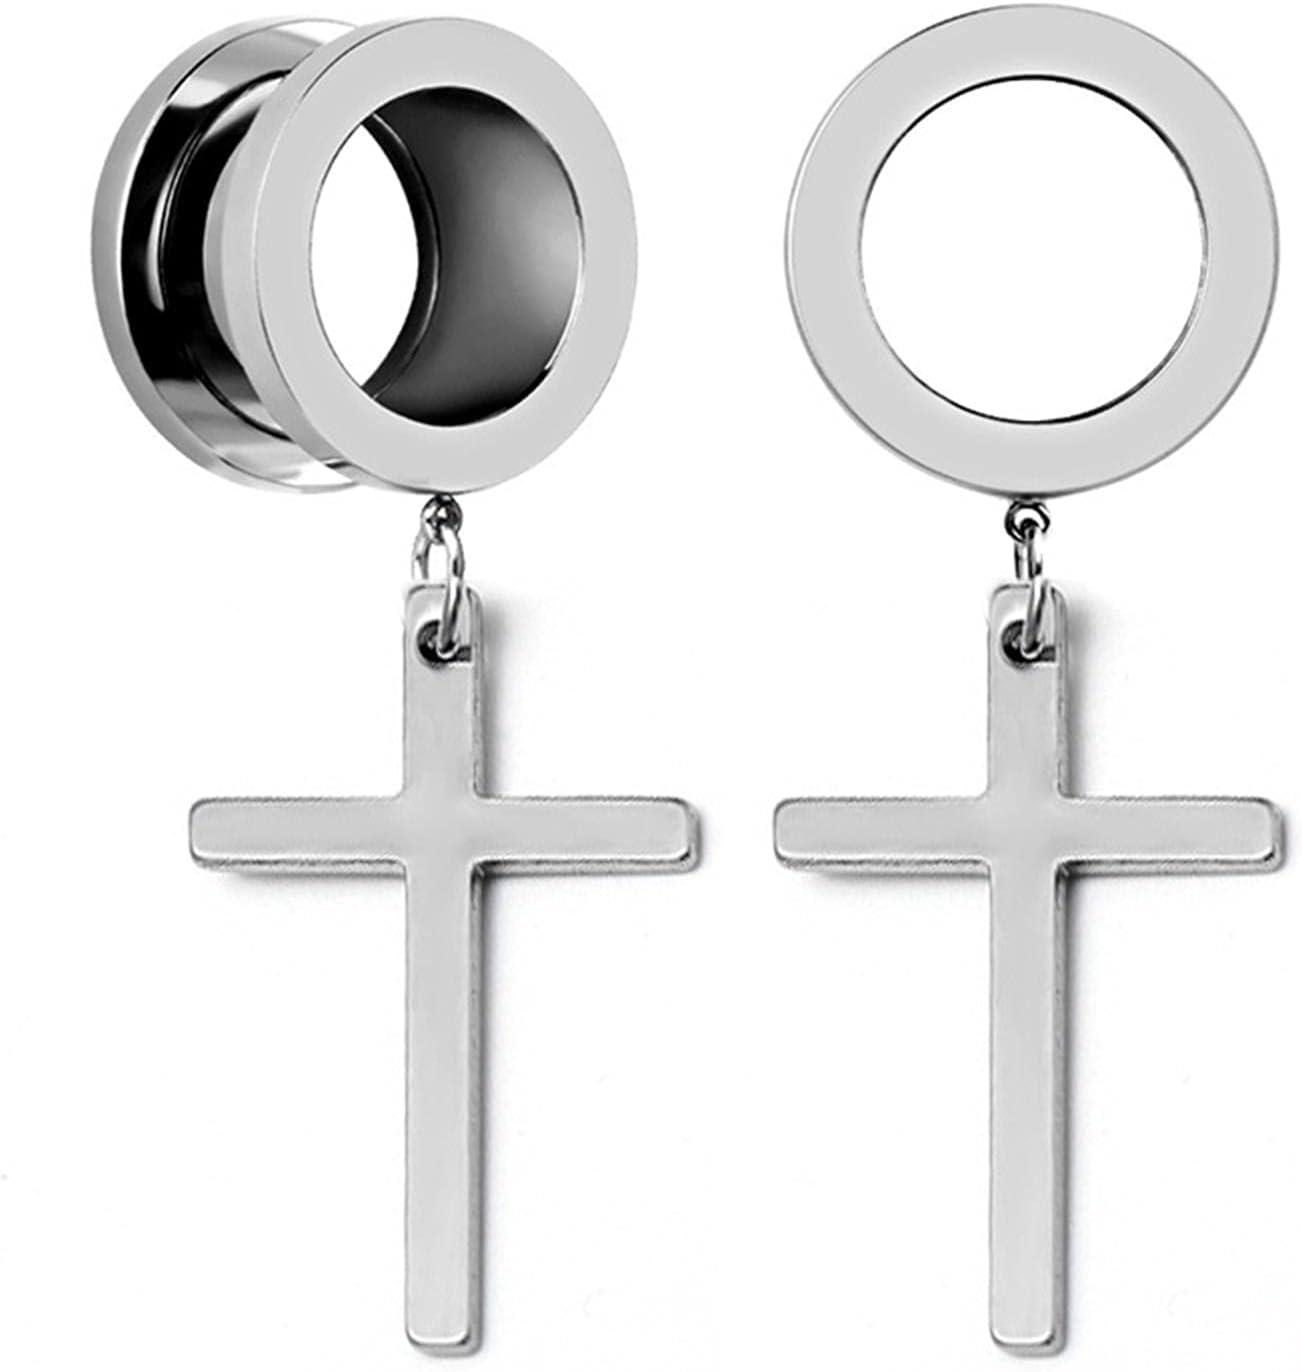 ALONG-J 2Pcs Ear Piercing Dangle Cross Ear Plugs and Tunnels Stainless Steel Oreja Dilatacions Ear Expander Punk Body Jewelry